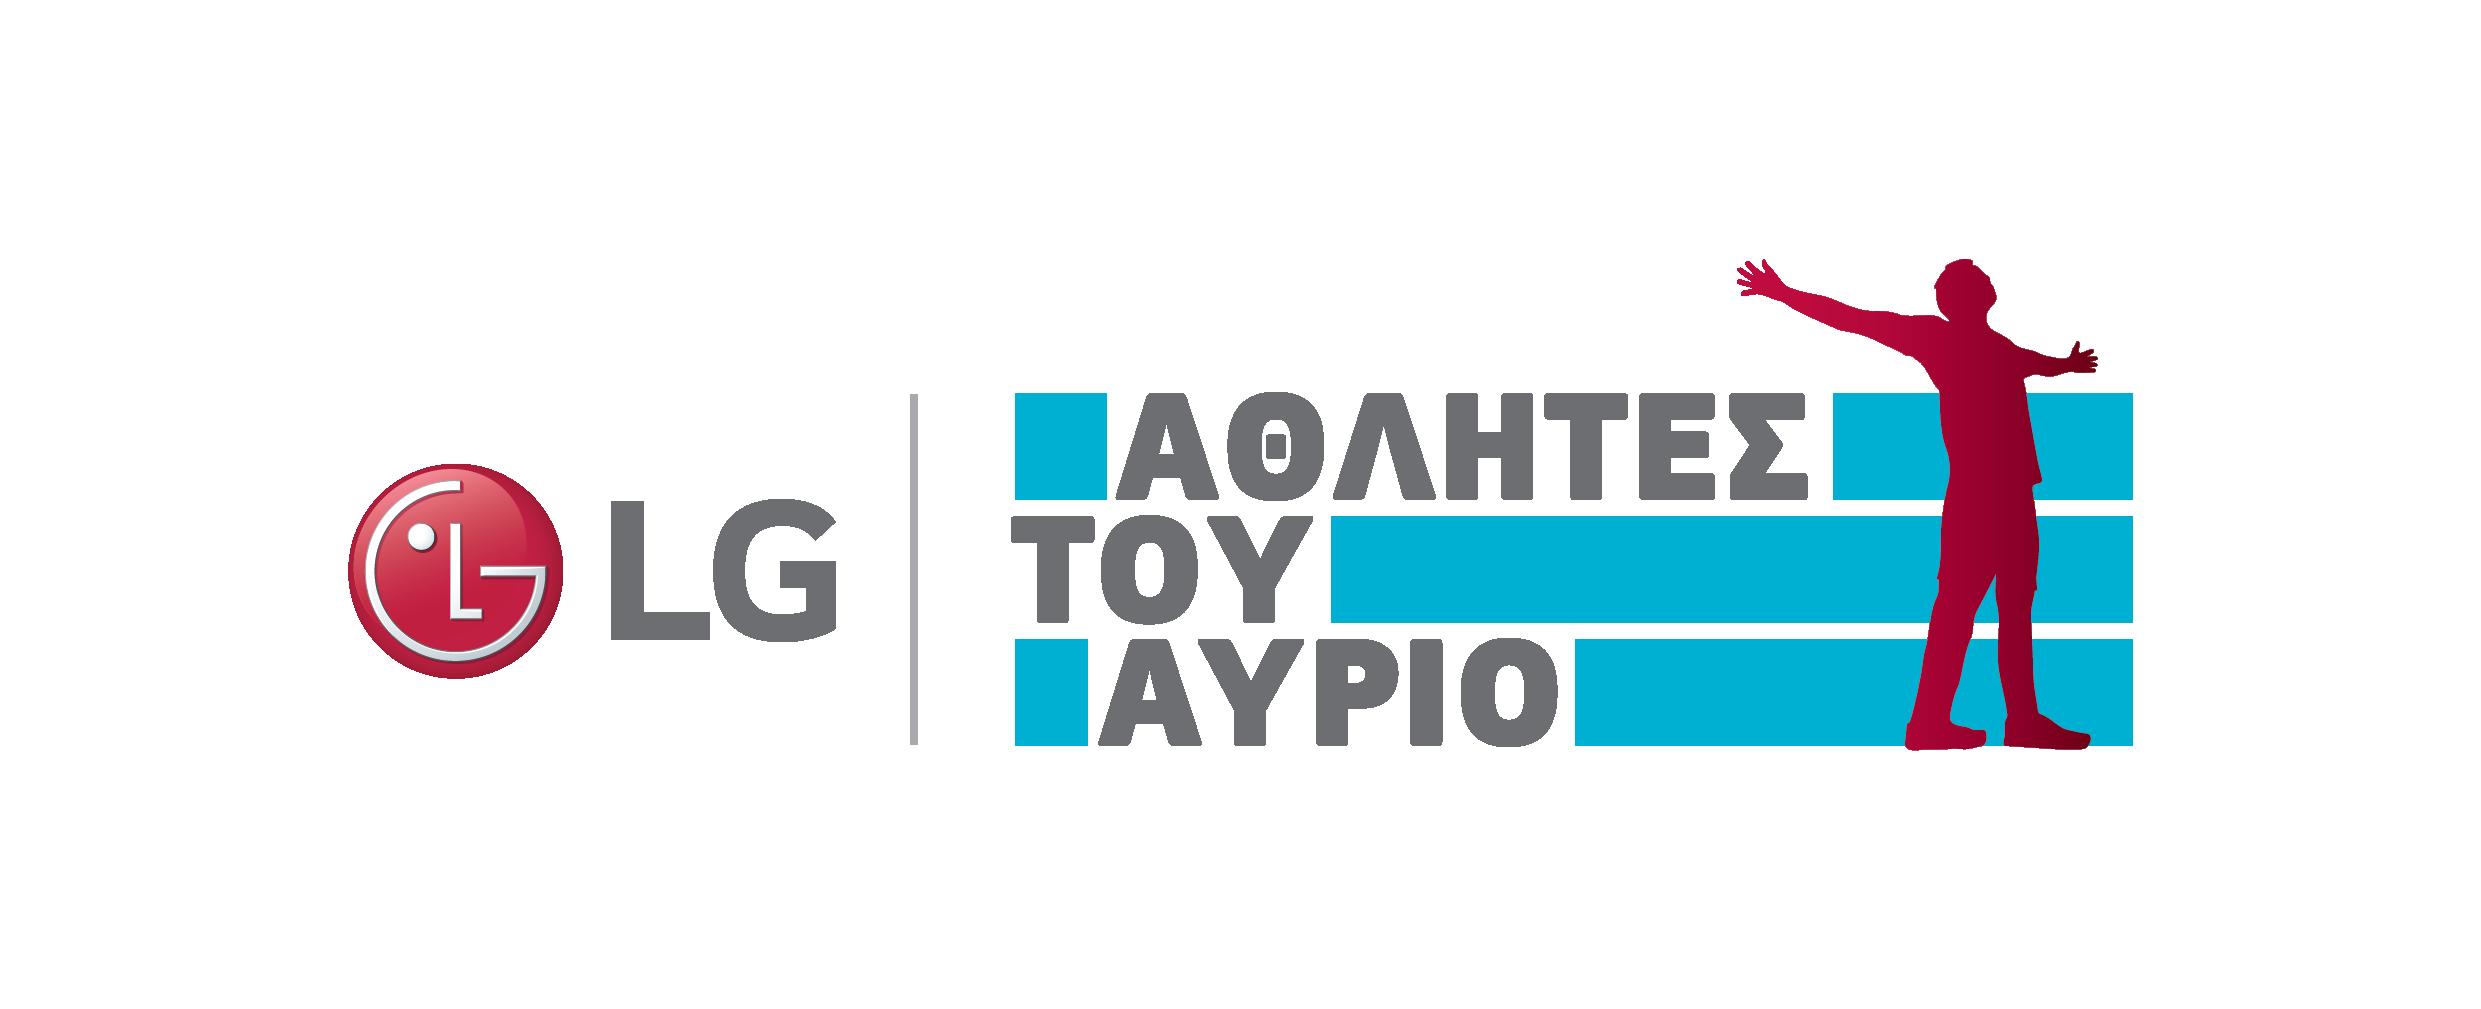 lg_athlites_toy_ayrio_logo_0.png